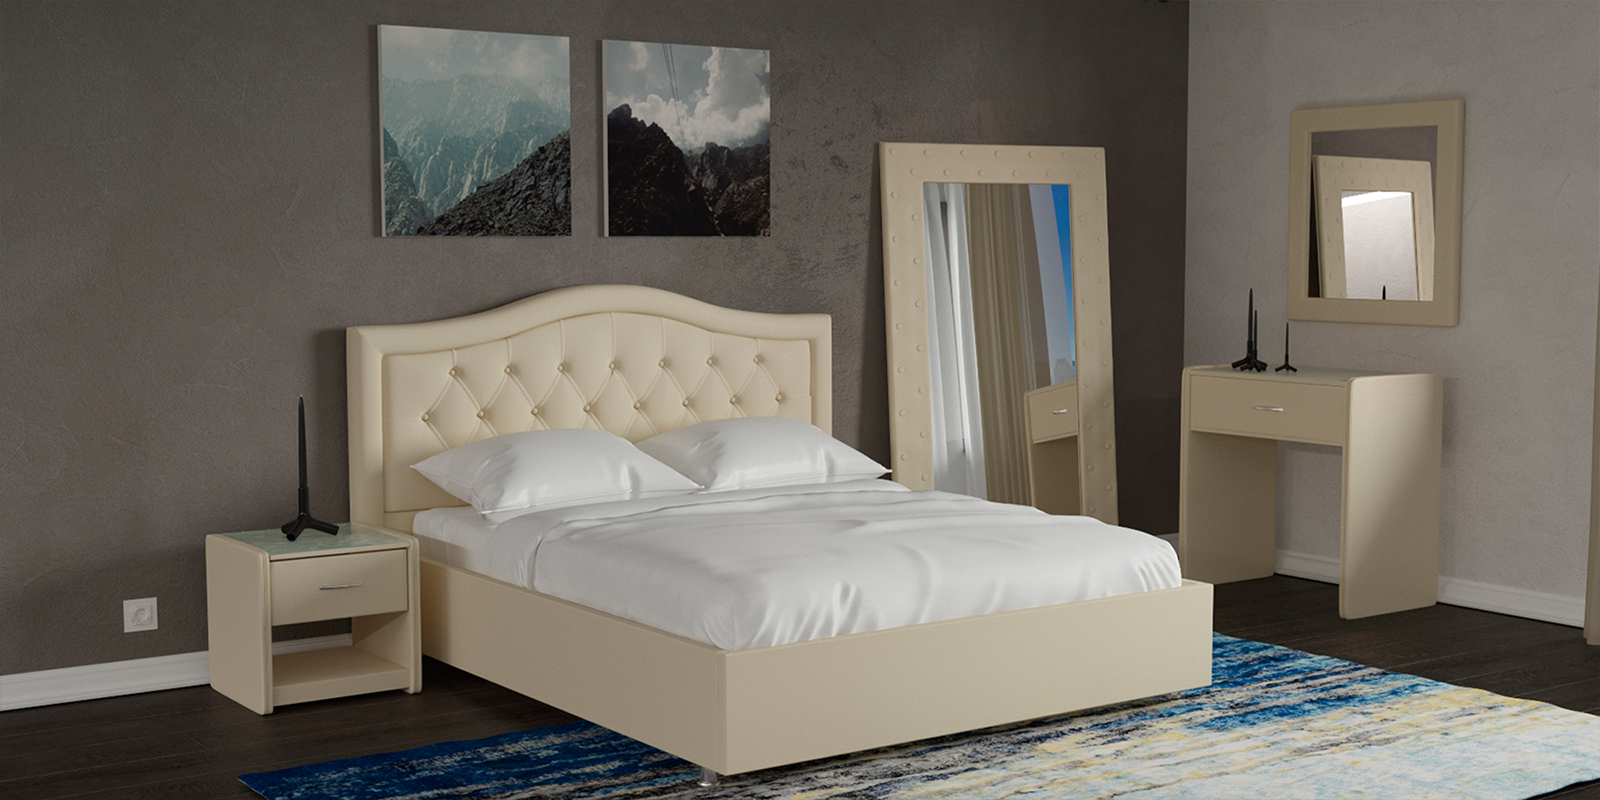 Купить Мягкая кровать 200х160 Малибу вариант №9 с ортопедическим основанием (Бежевый), HomeMe